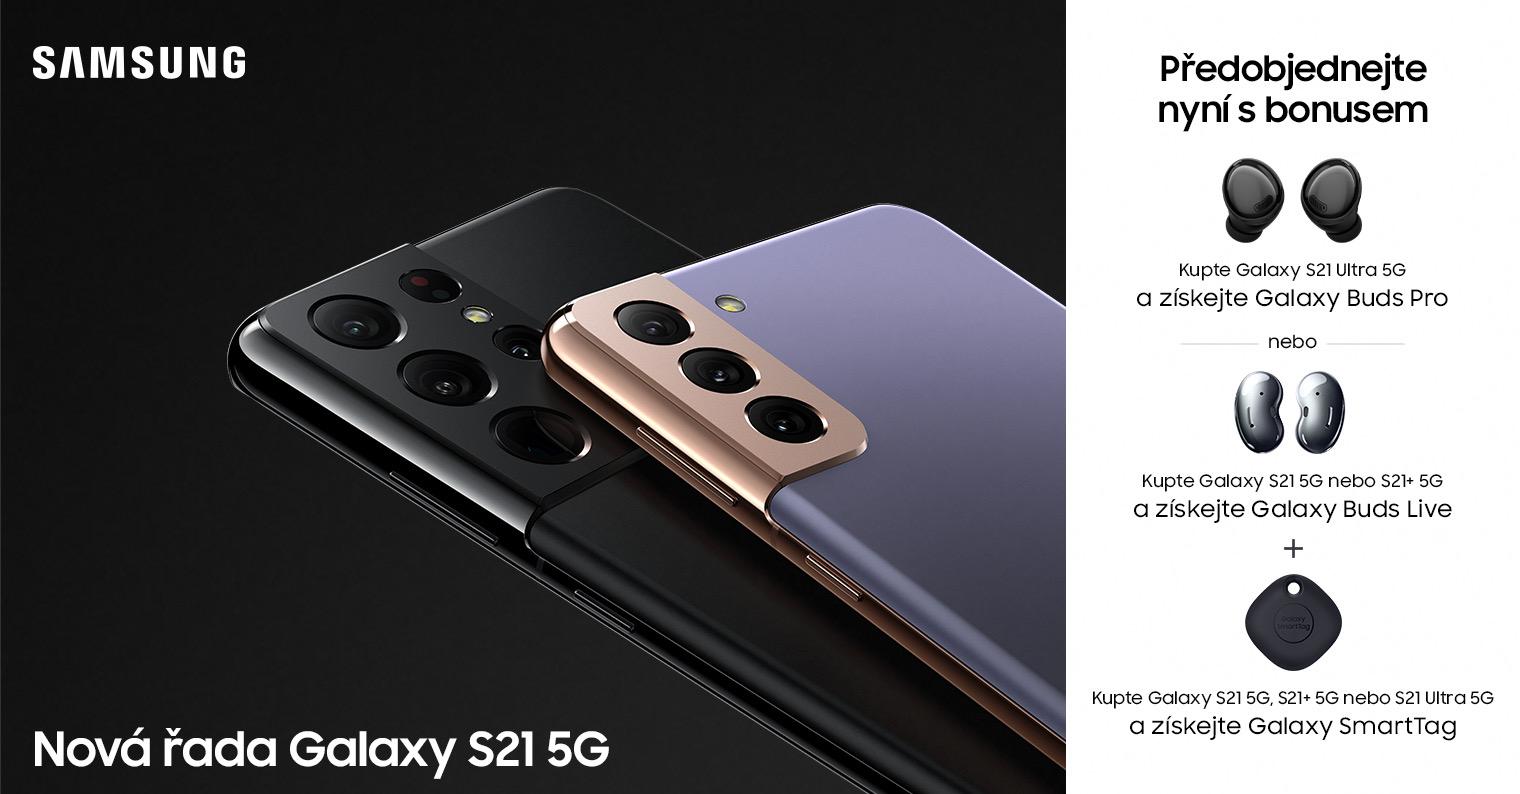 Nový Galaxy S21 a další novinky si můžete předobjednat na Smarty.cz. Nyní sdárky a extra slevou 1300 Kč [sponzorovaný článek]